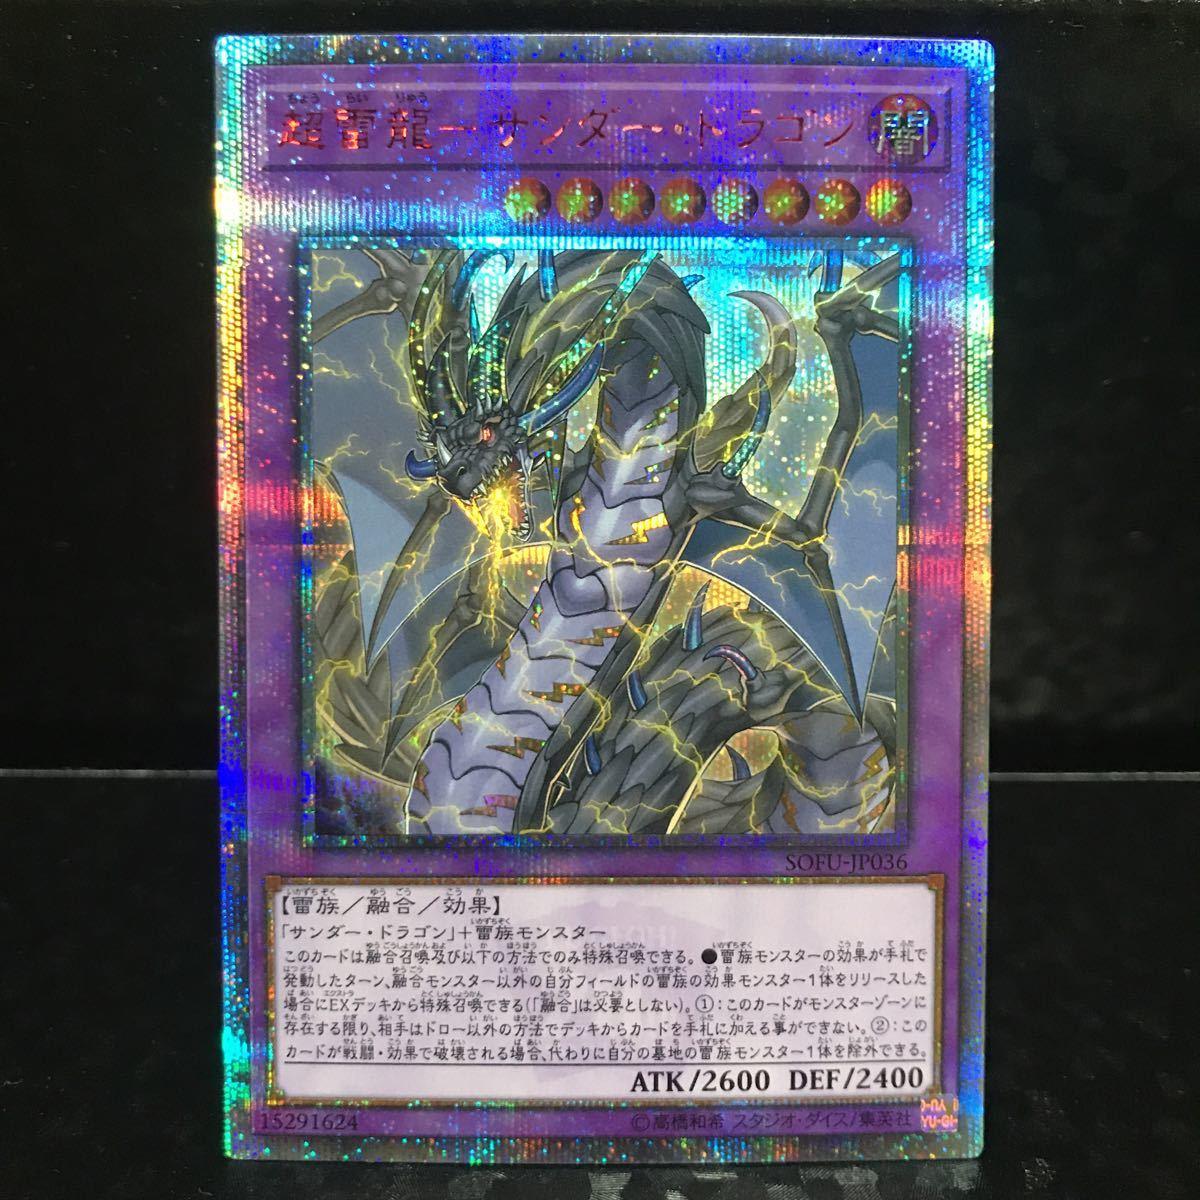 【遊戯王】超雷龍-サンダー・ドラゴン(20thシークレット)【キズあり】